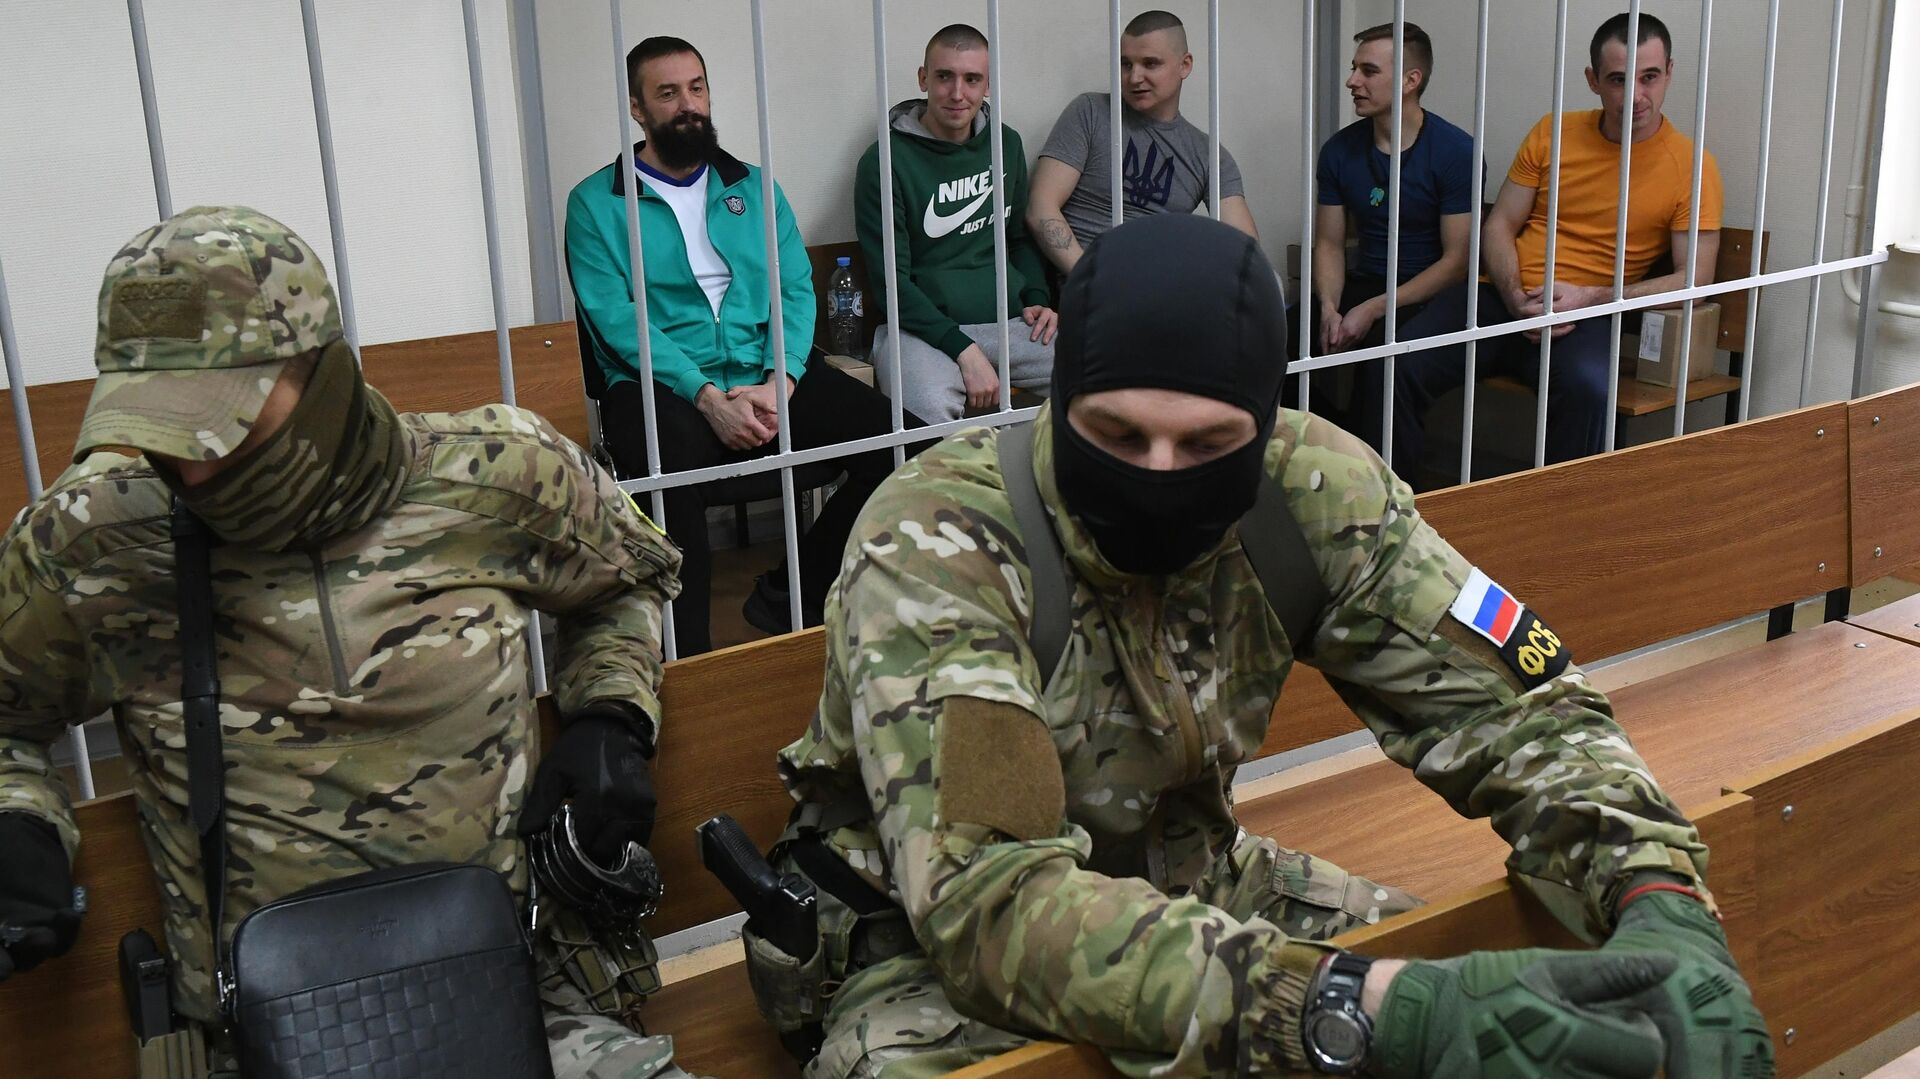 Задержанные украинские моряки на заседании Лефортовского суда города Москвы - РИА Новости, 1920, 25.11.2020